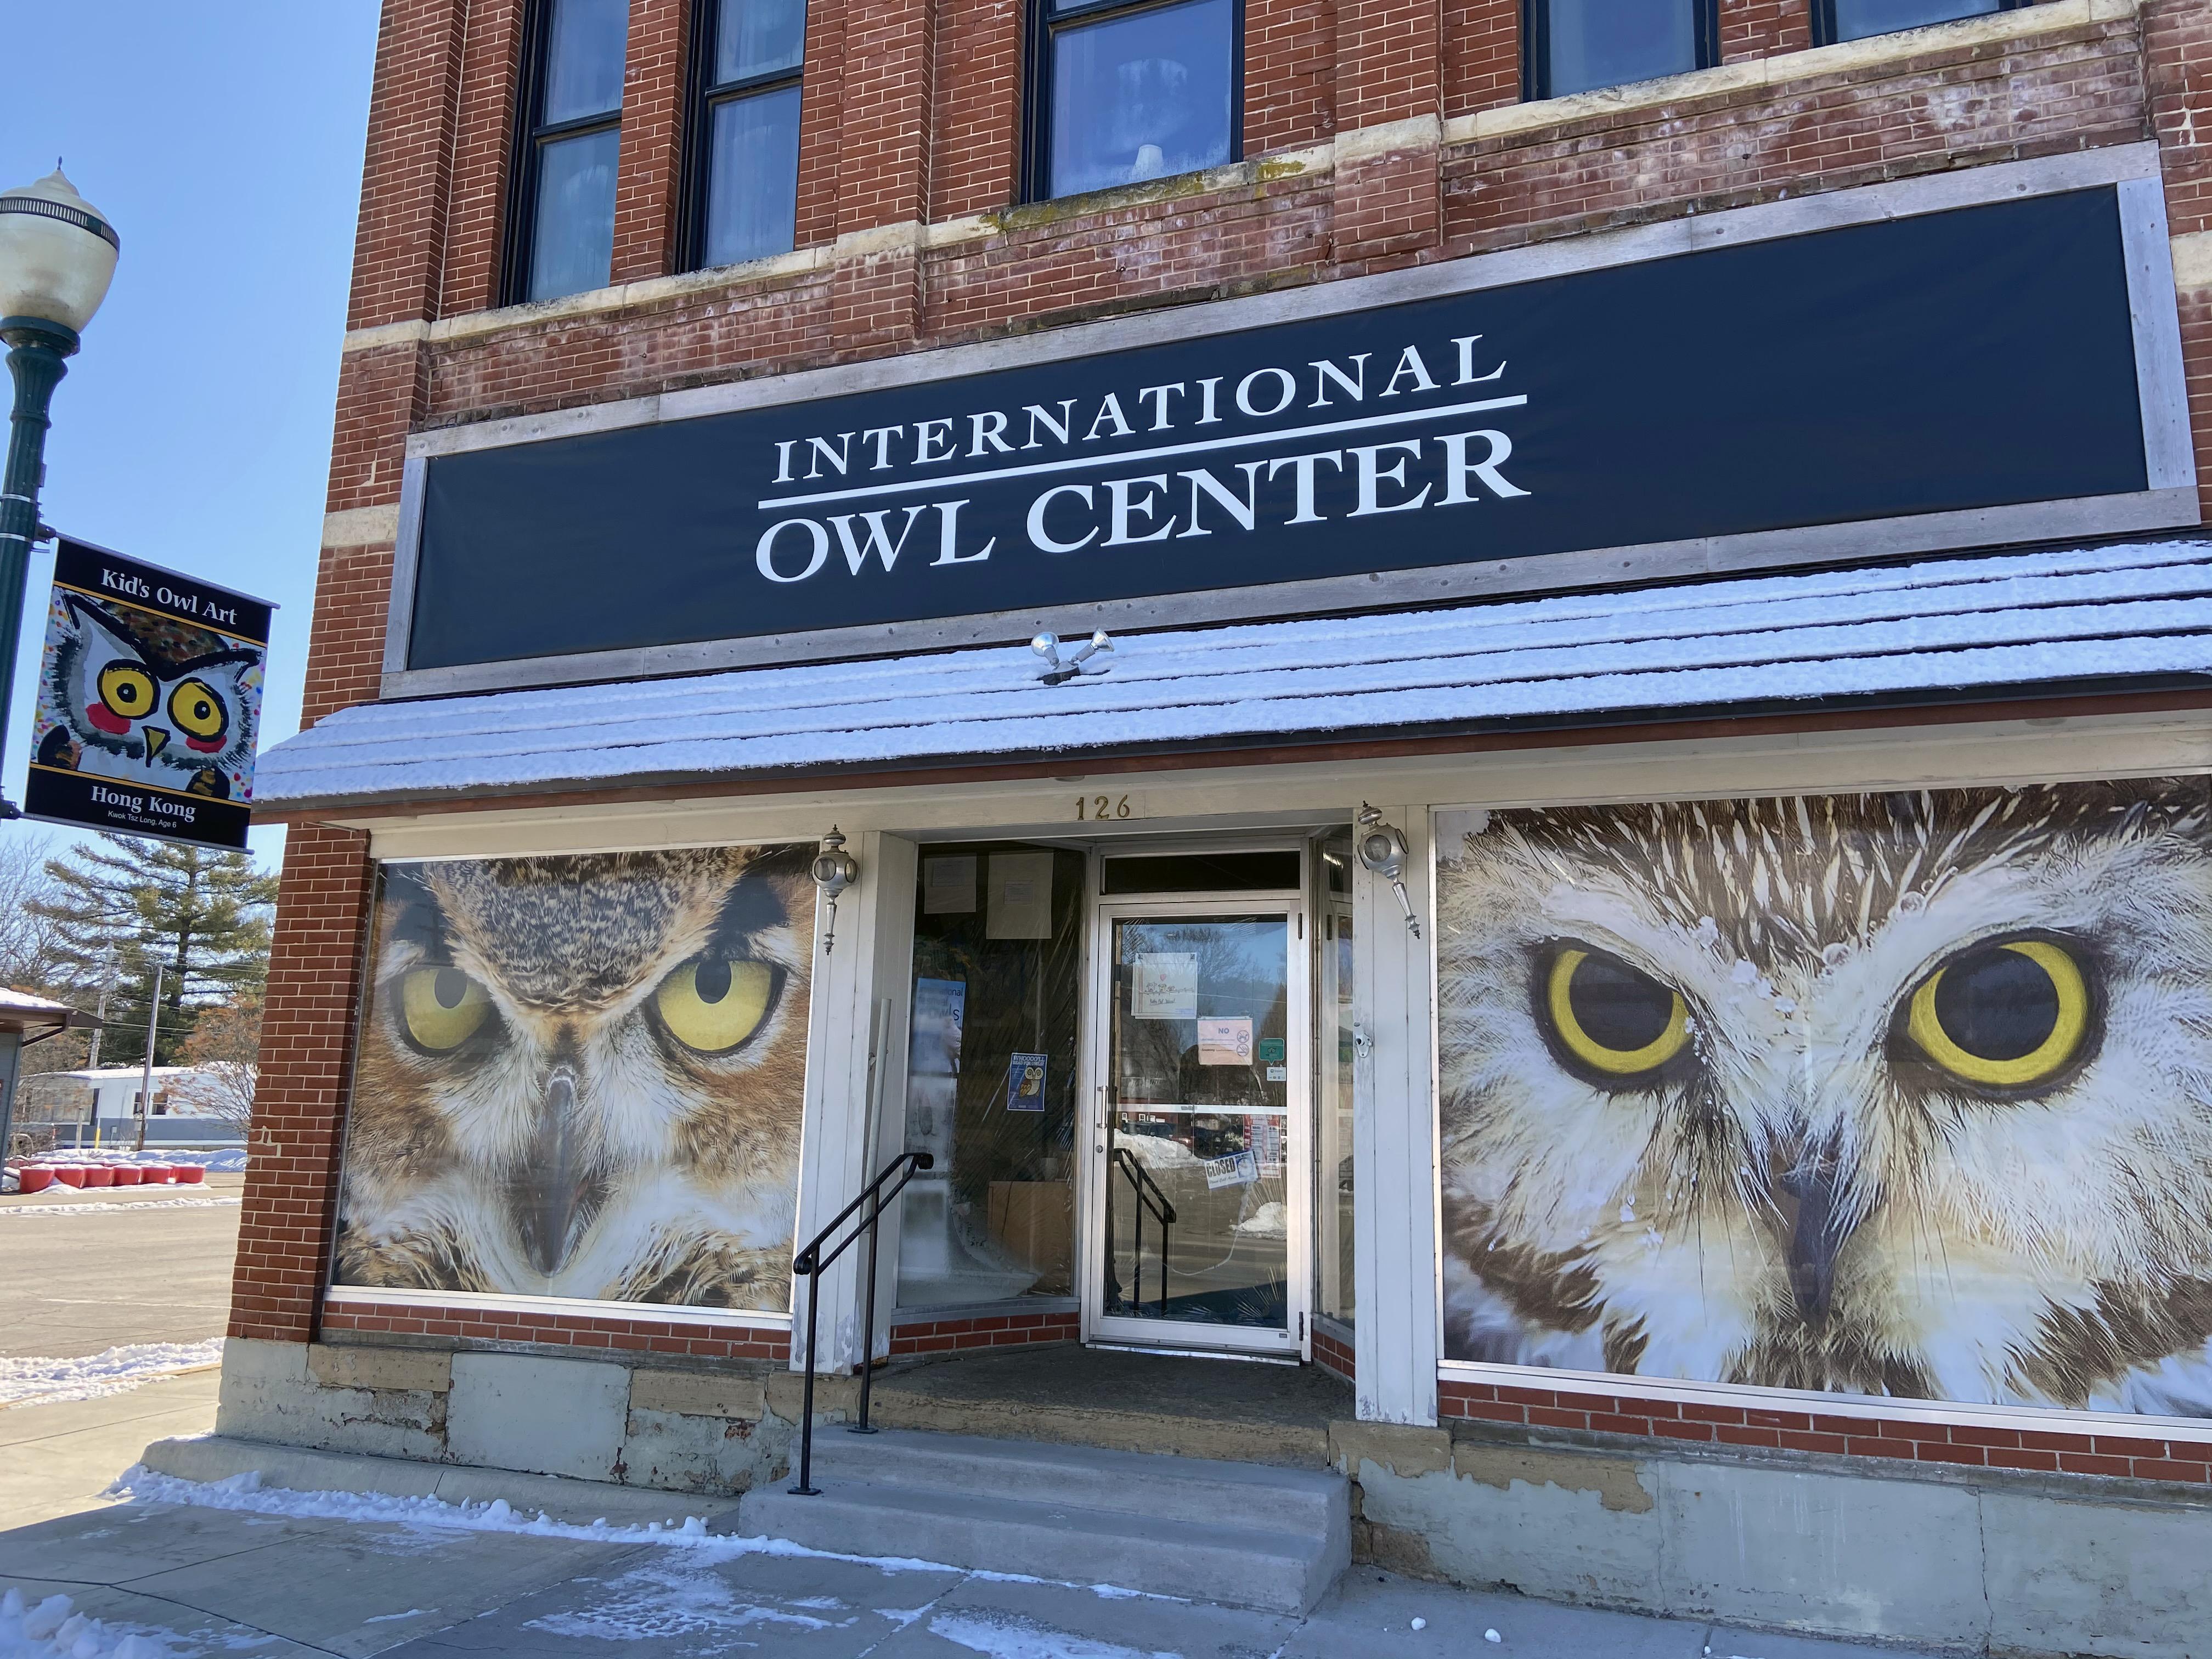 File International Owl Center 126 E Cedar St Houston Mn 55943 Storefront View Jpg Wikimedia Commons